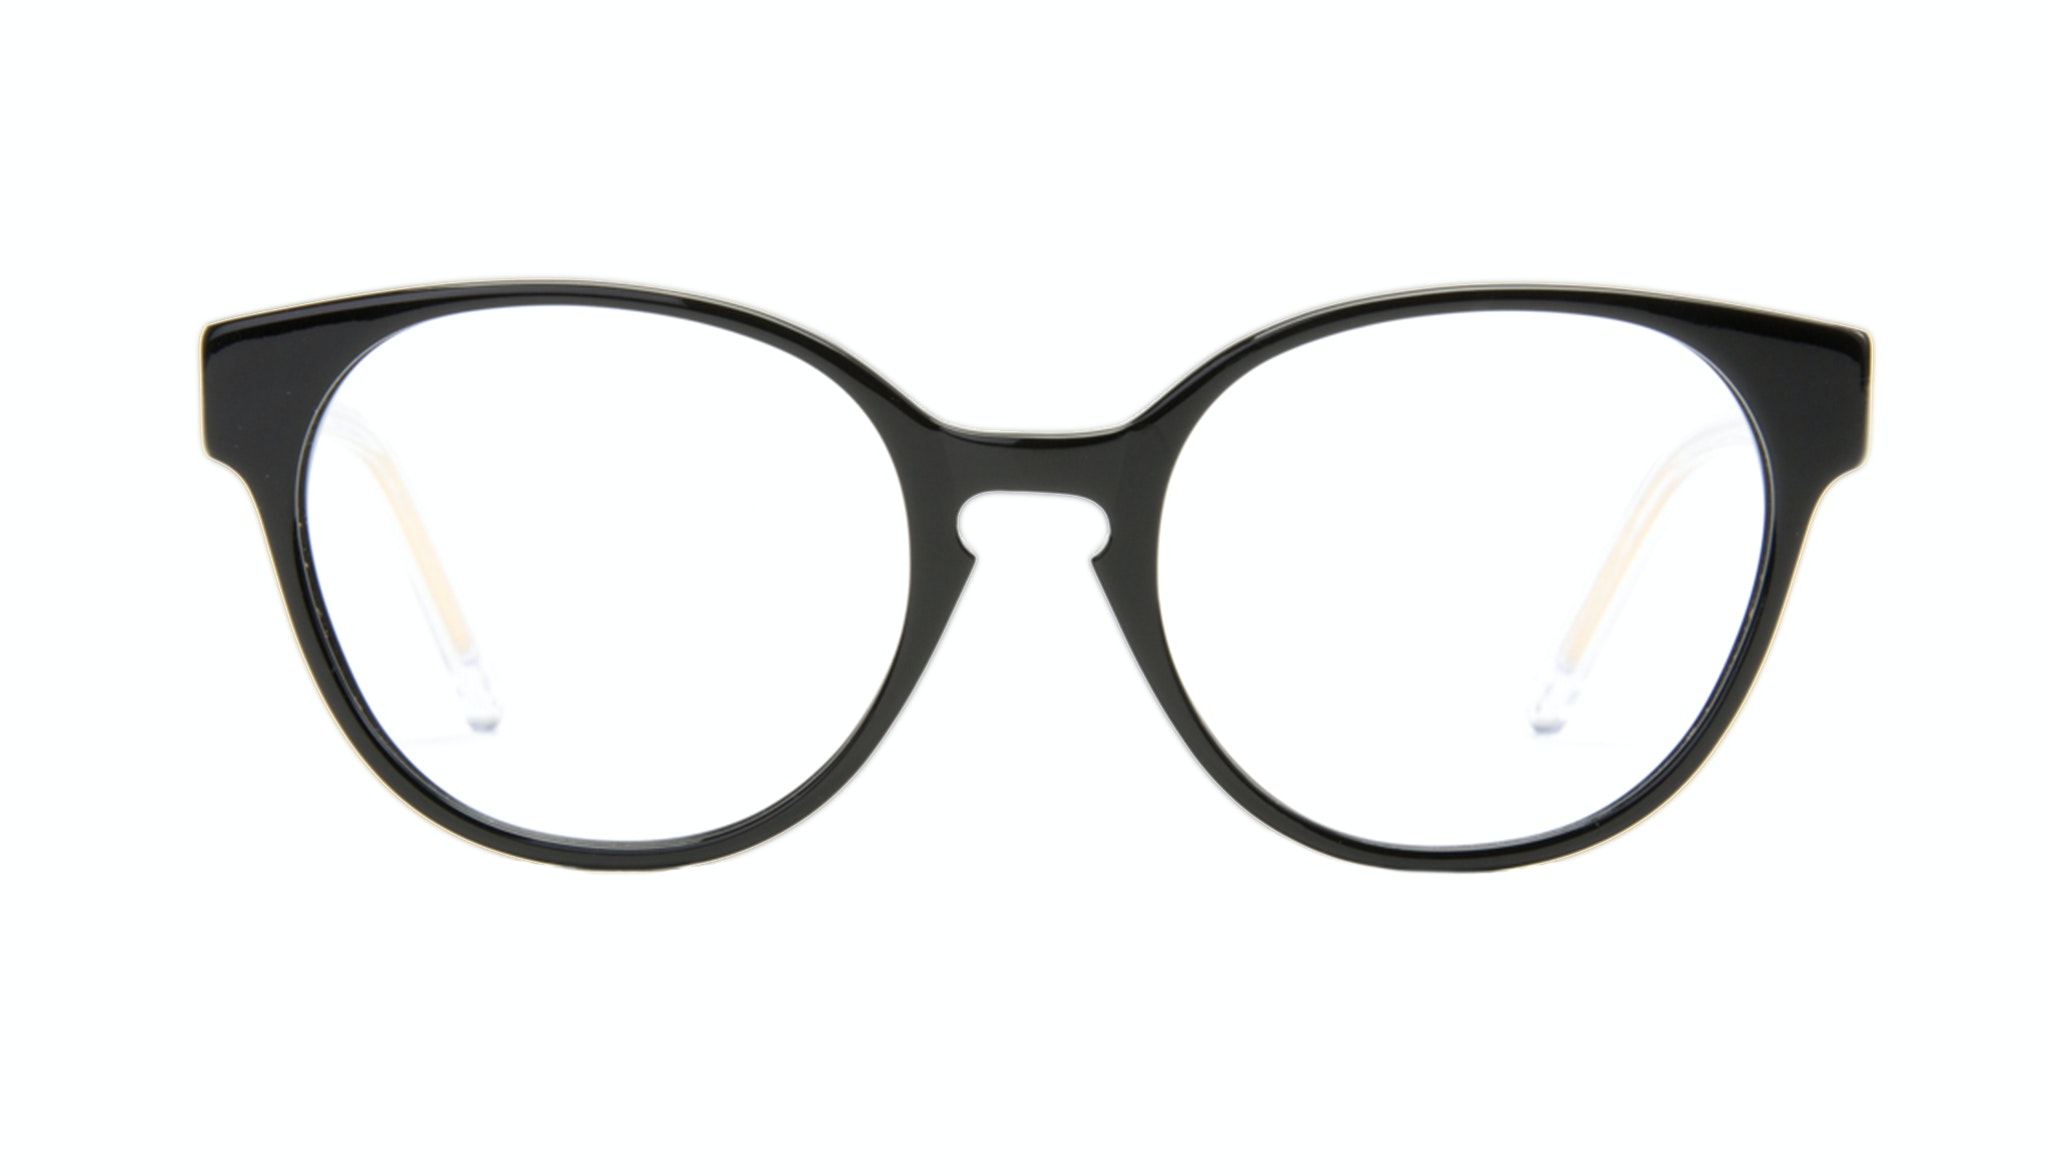 Lunettes tendance Ronde Optiques Femmes Winsome Black Copper